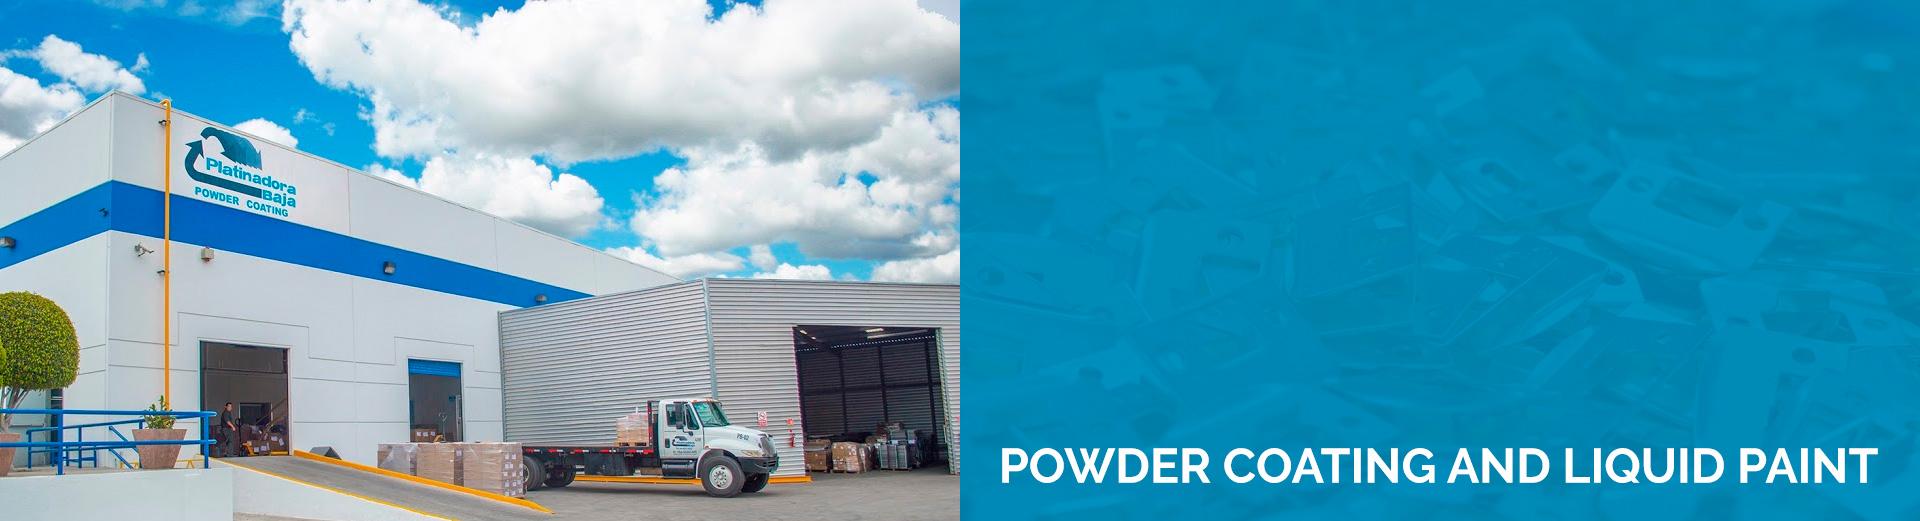 Powder Coating And Teflon Coating Information